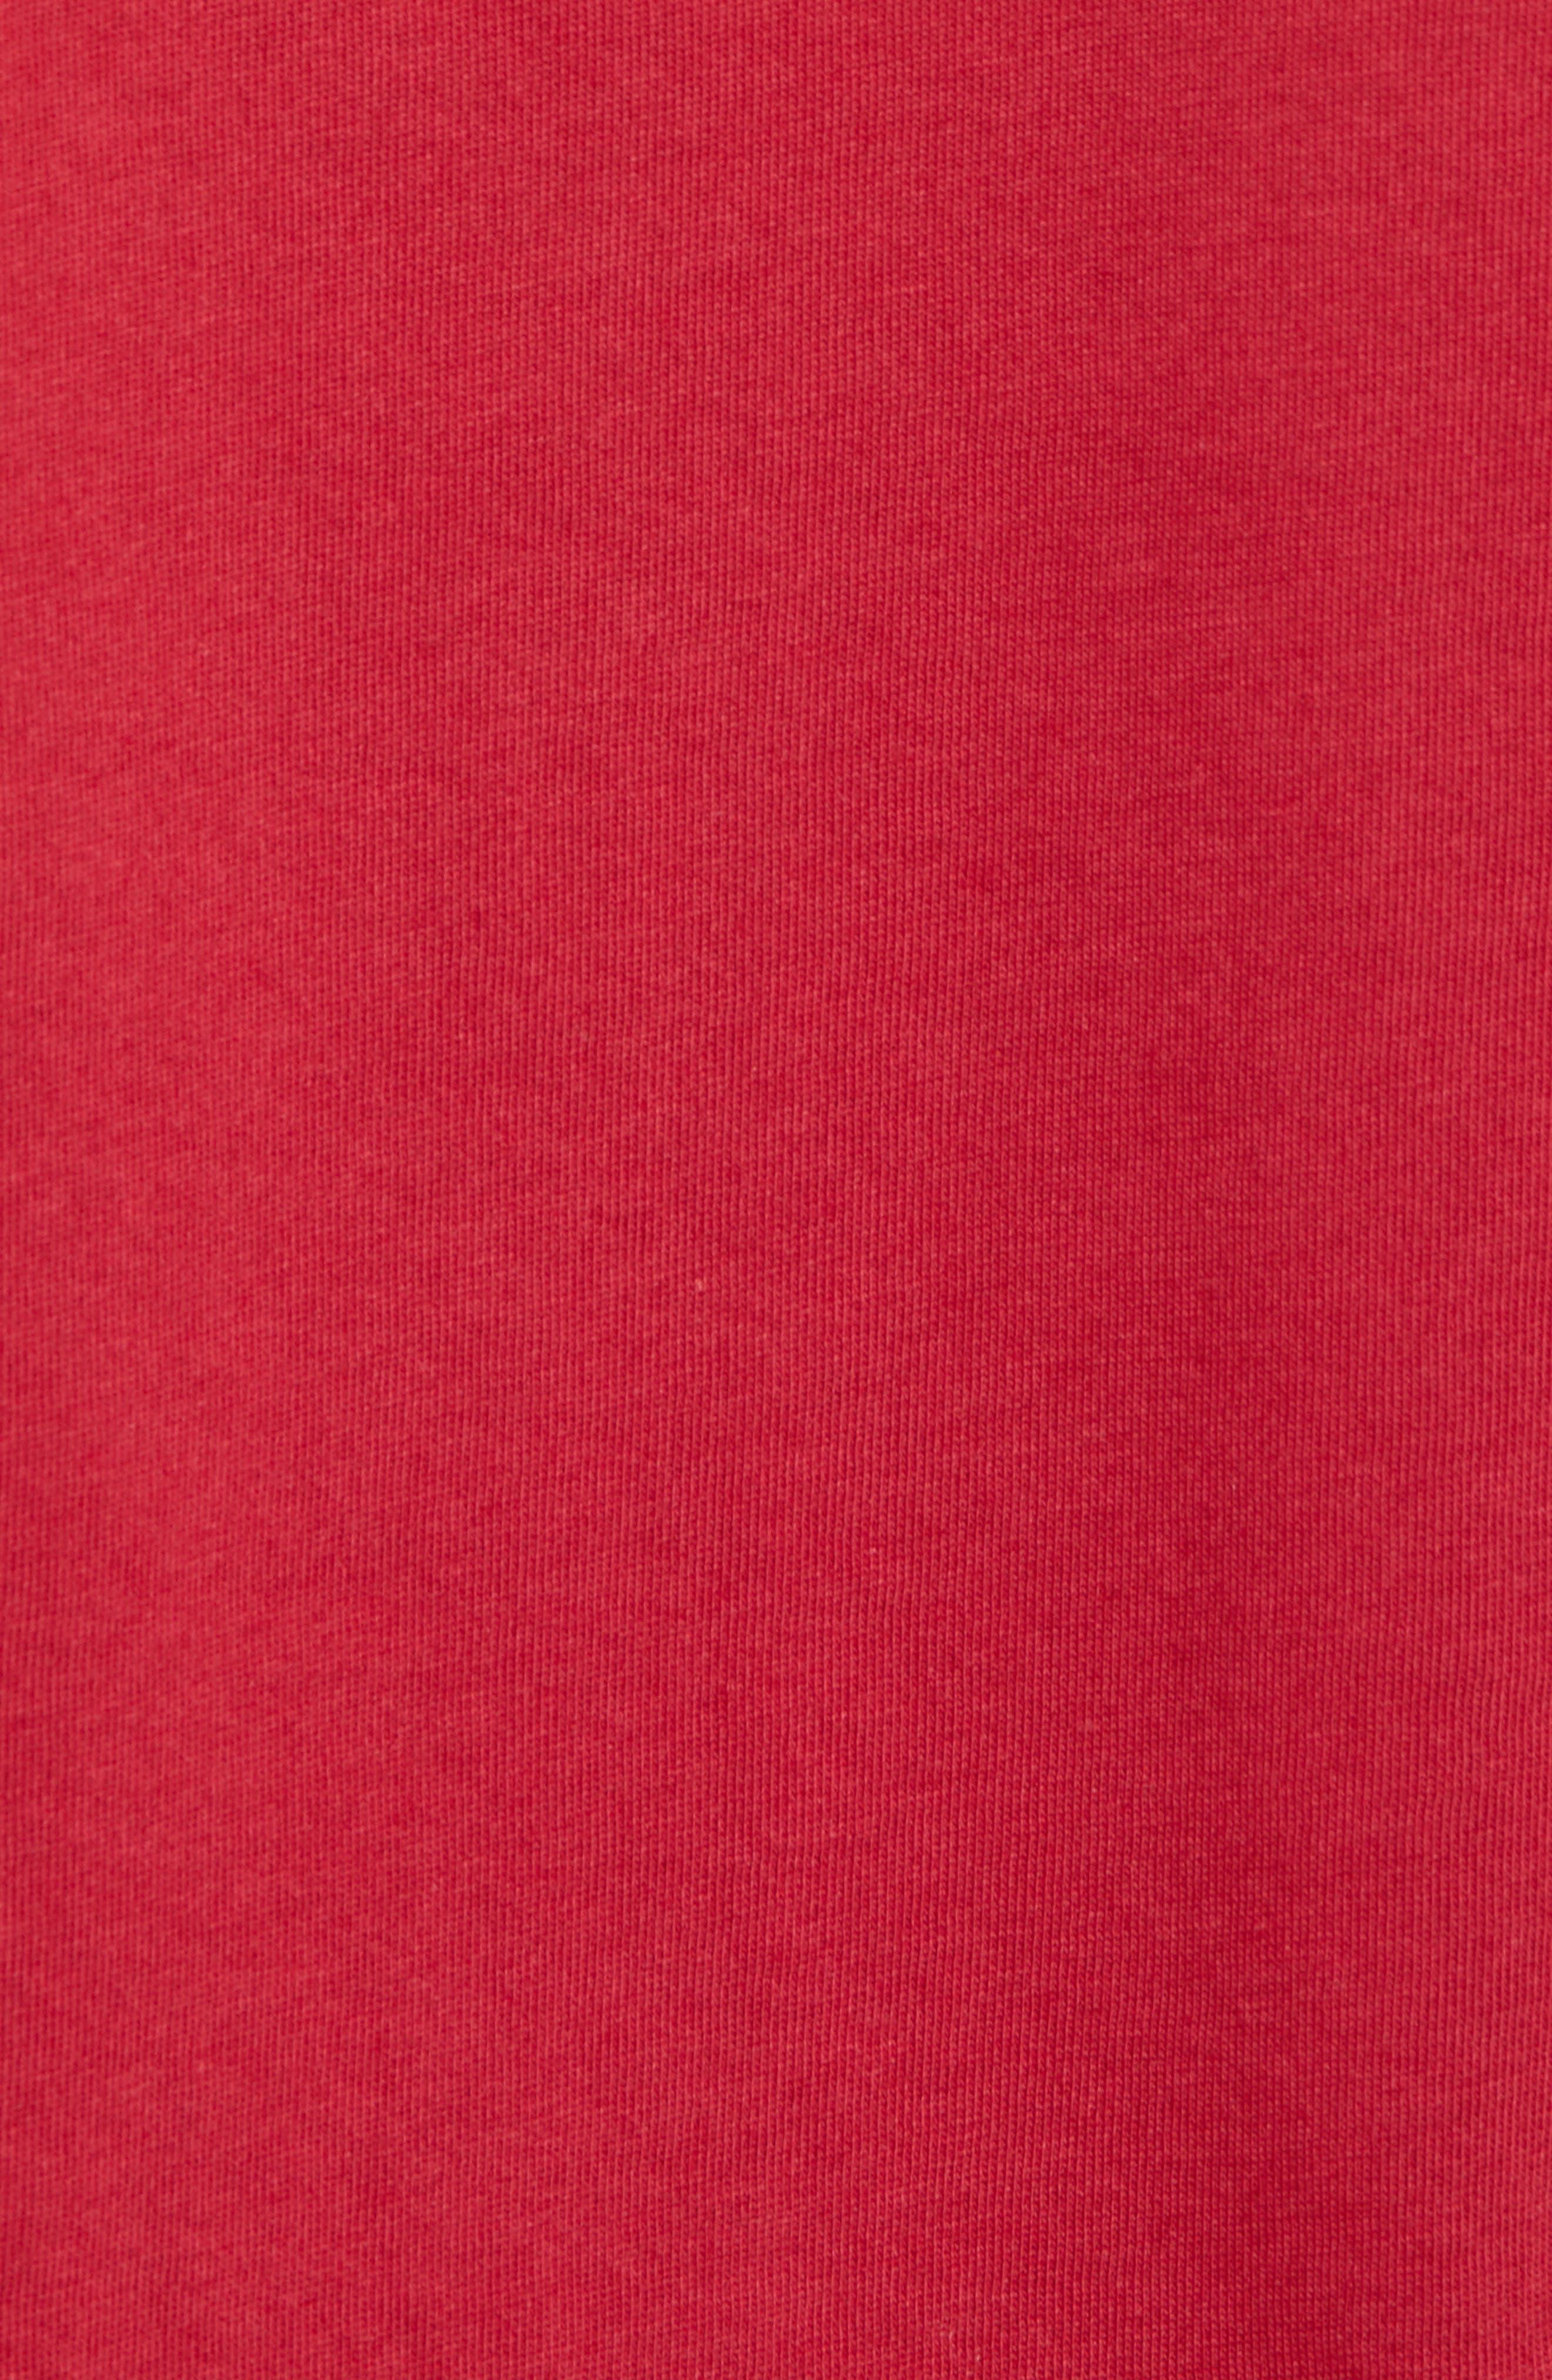 Nike 'SB Logo' T-Shirt,                             Alternate thumbnail 3, color,                             Red Crush White